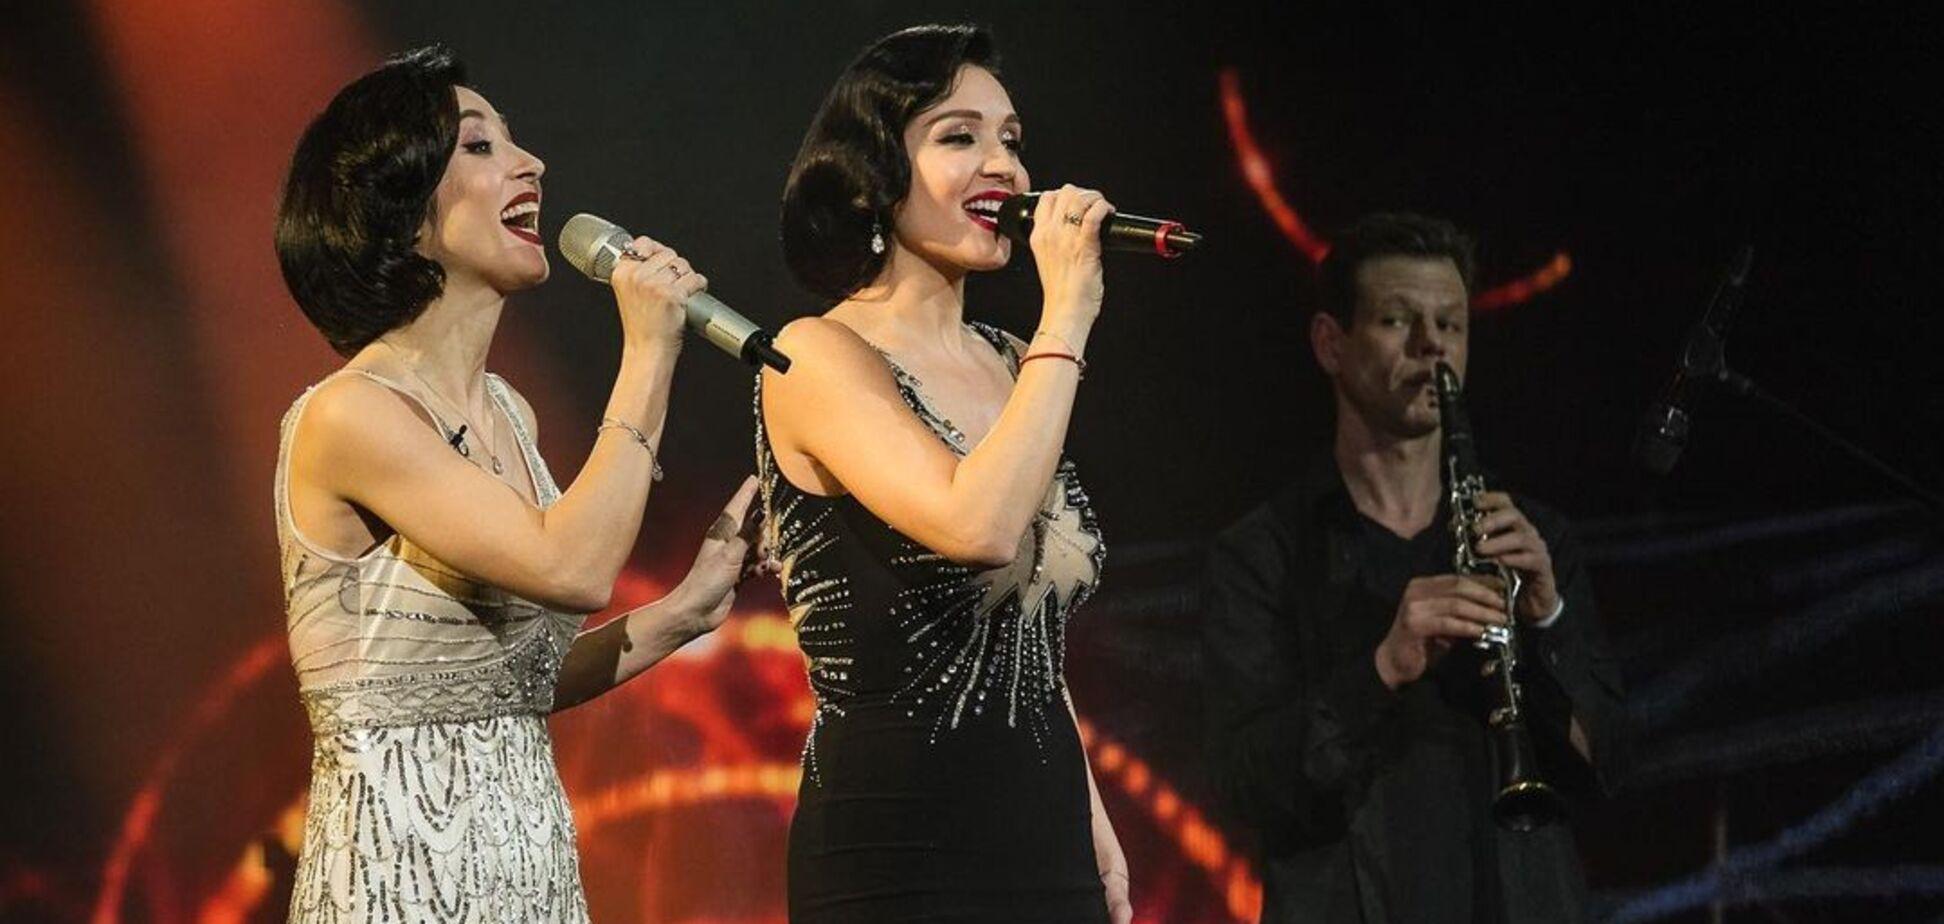 Легендарная группа 'Алиби' выступила на сцене шоу 'Голос країни-11'. Видео